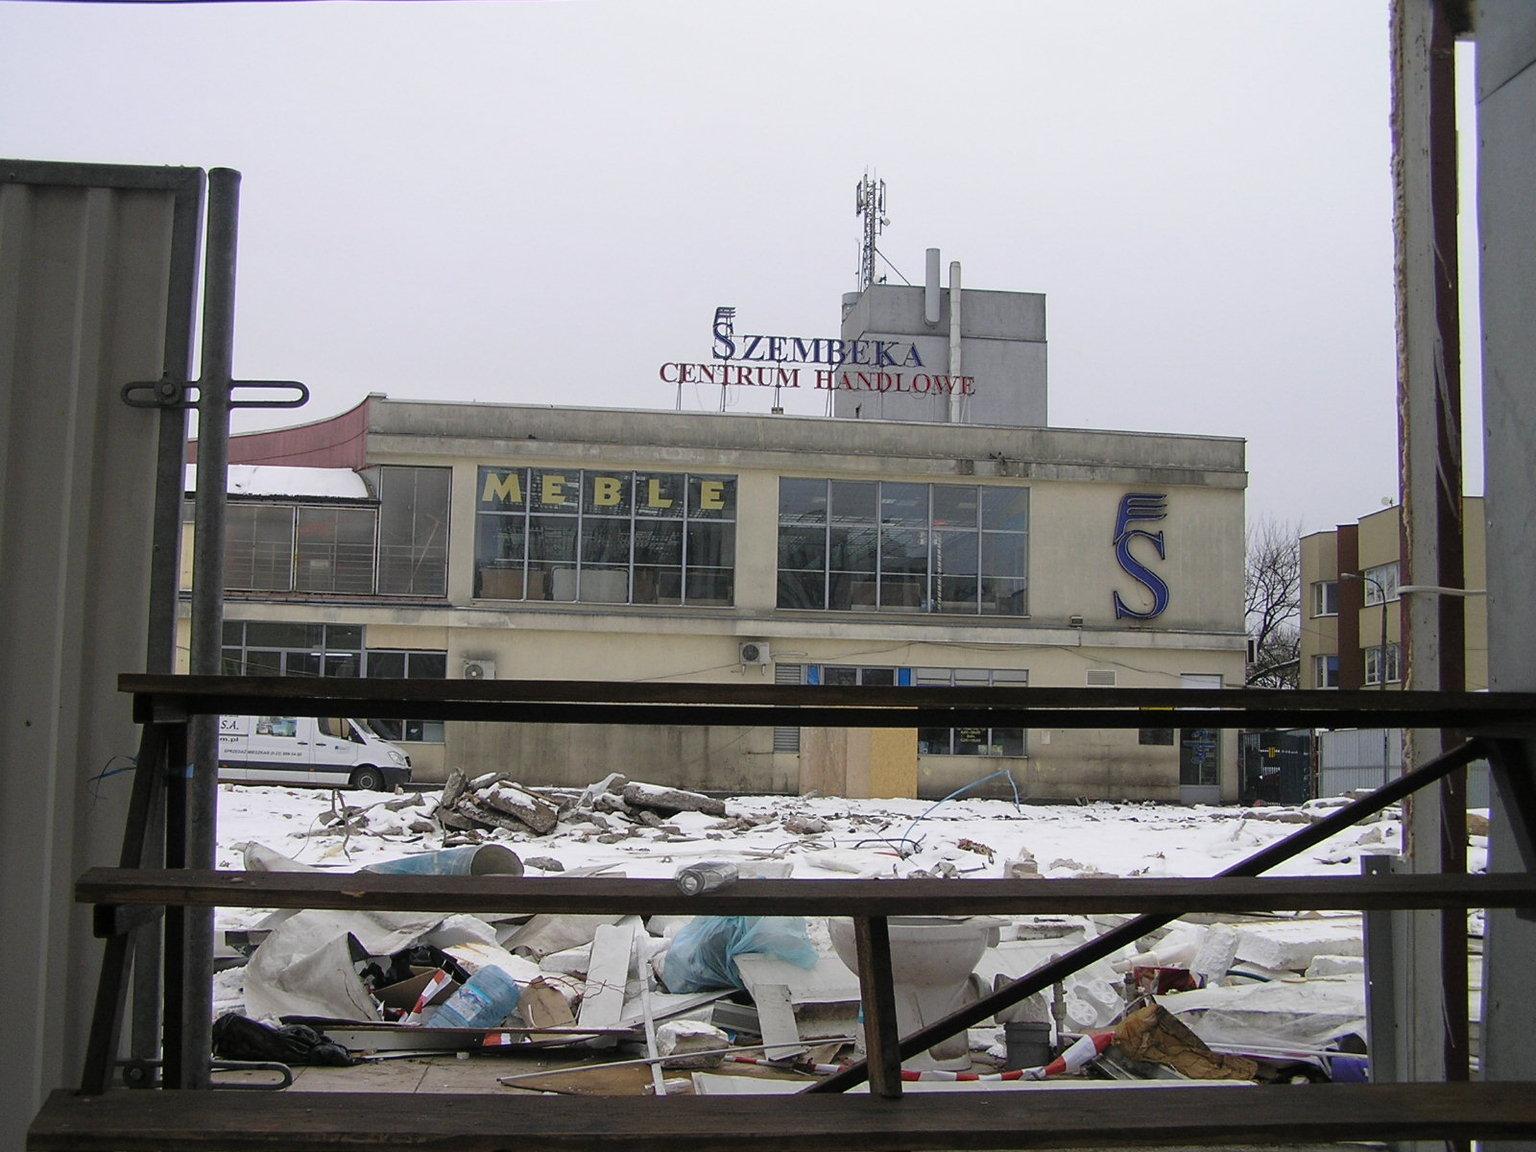 Centrum Handlowe Szembeka: Druga faza przebudowy targowiska